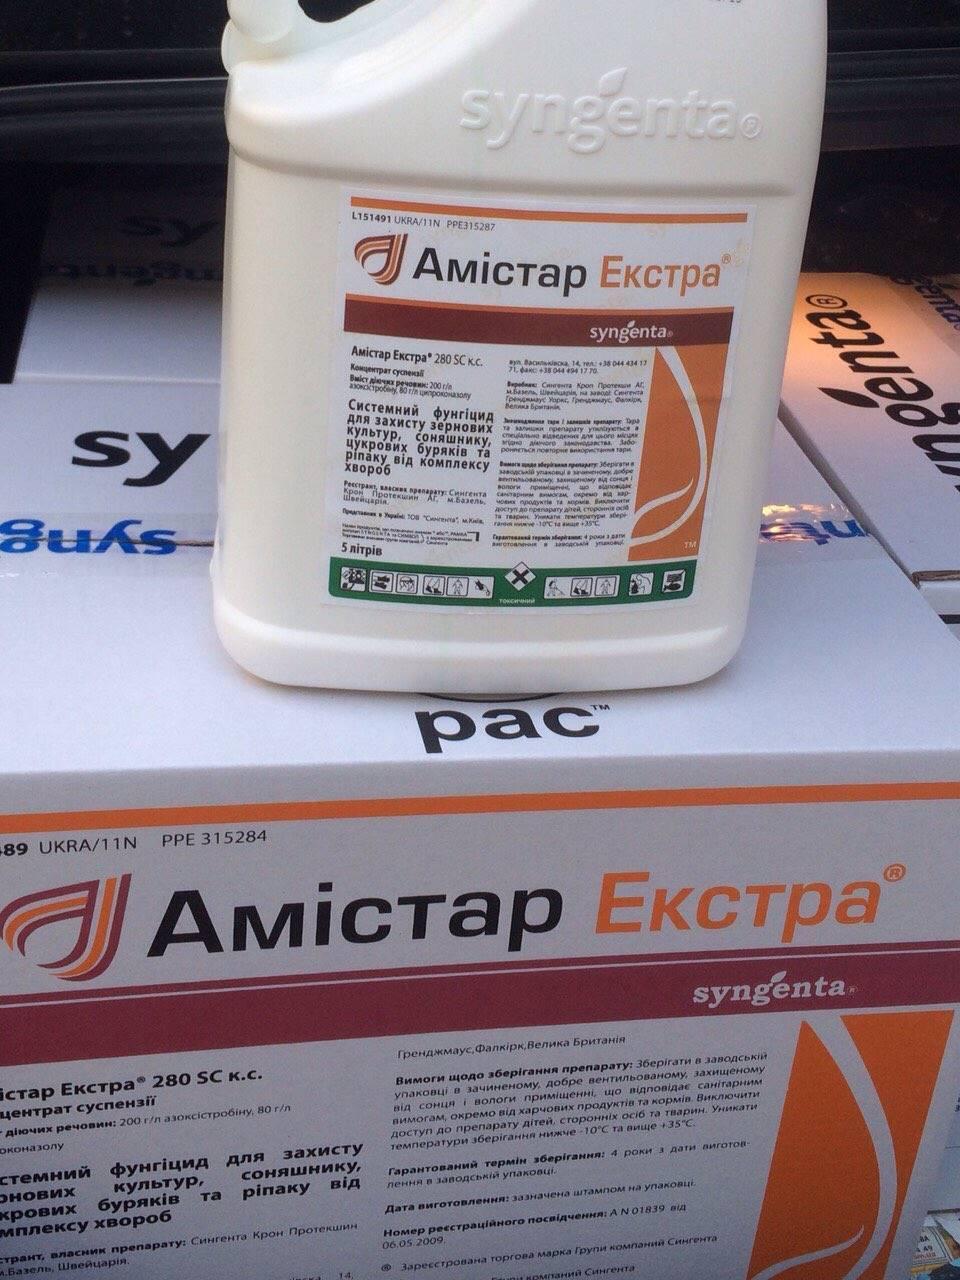 Ди-инкур: инсектоакарицидное средство, помогающее курятник и кур от блох, клещей и других эктопаразитов